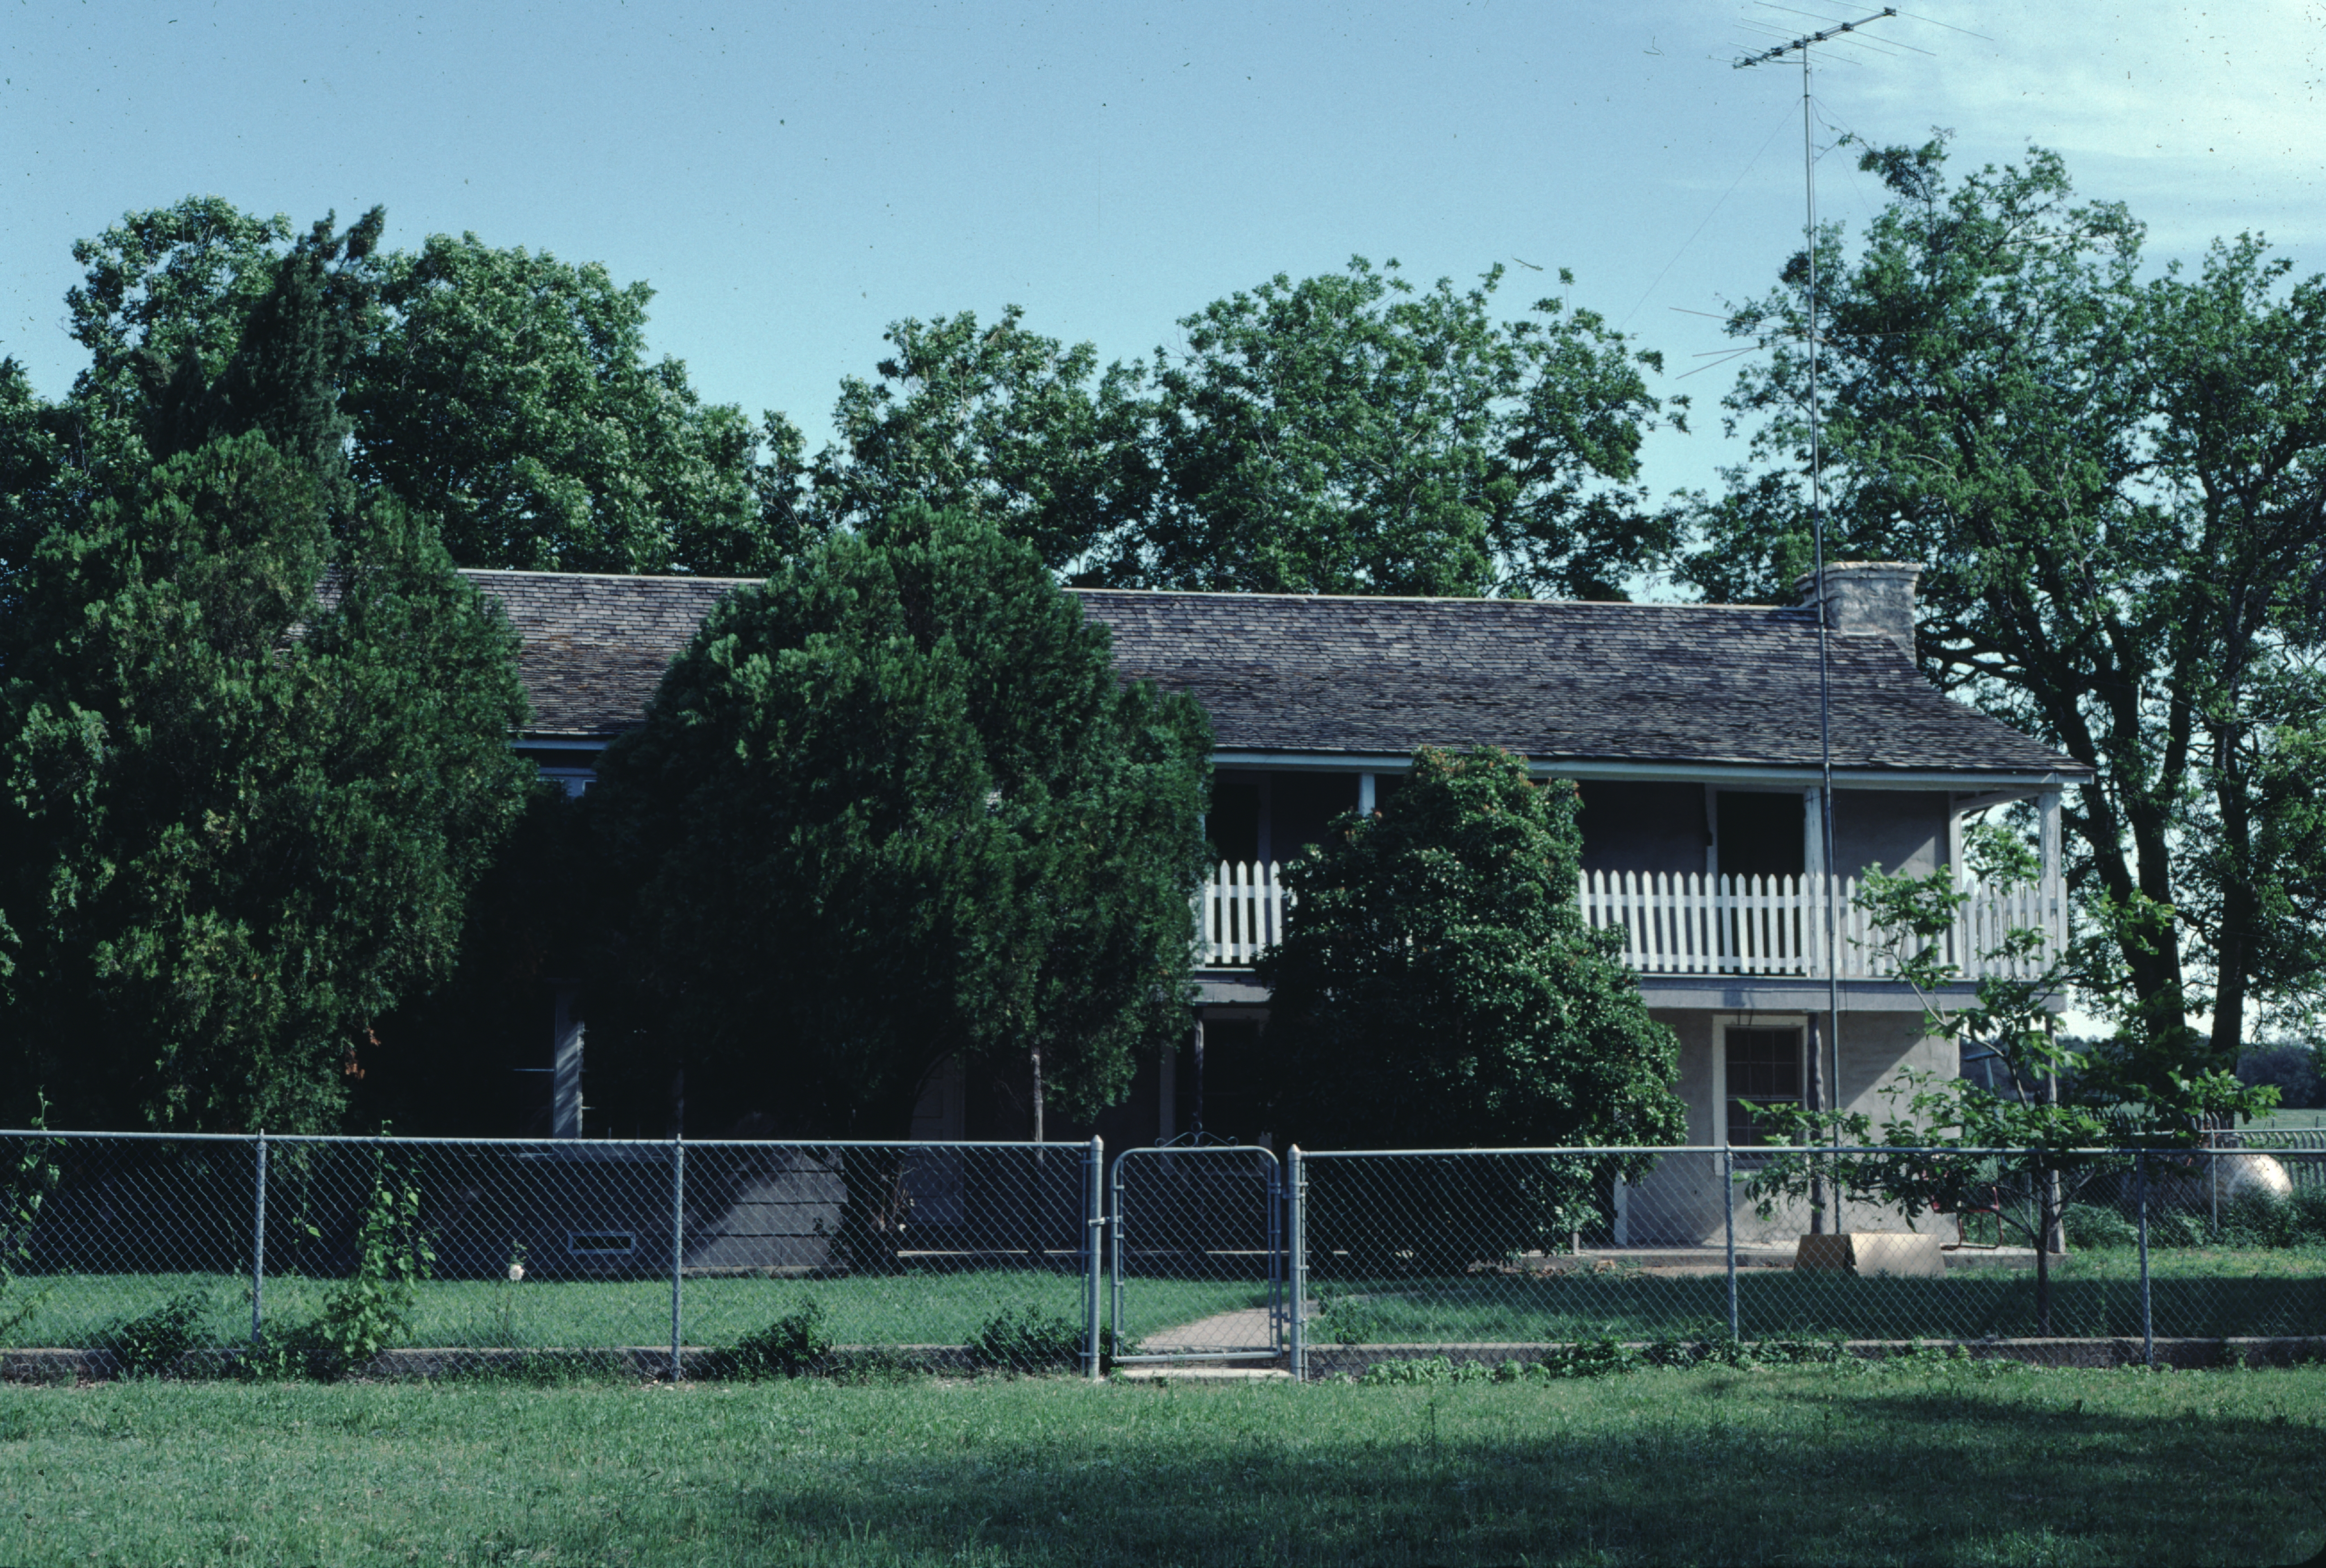 Ole Pierson House